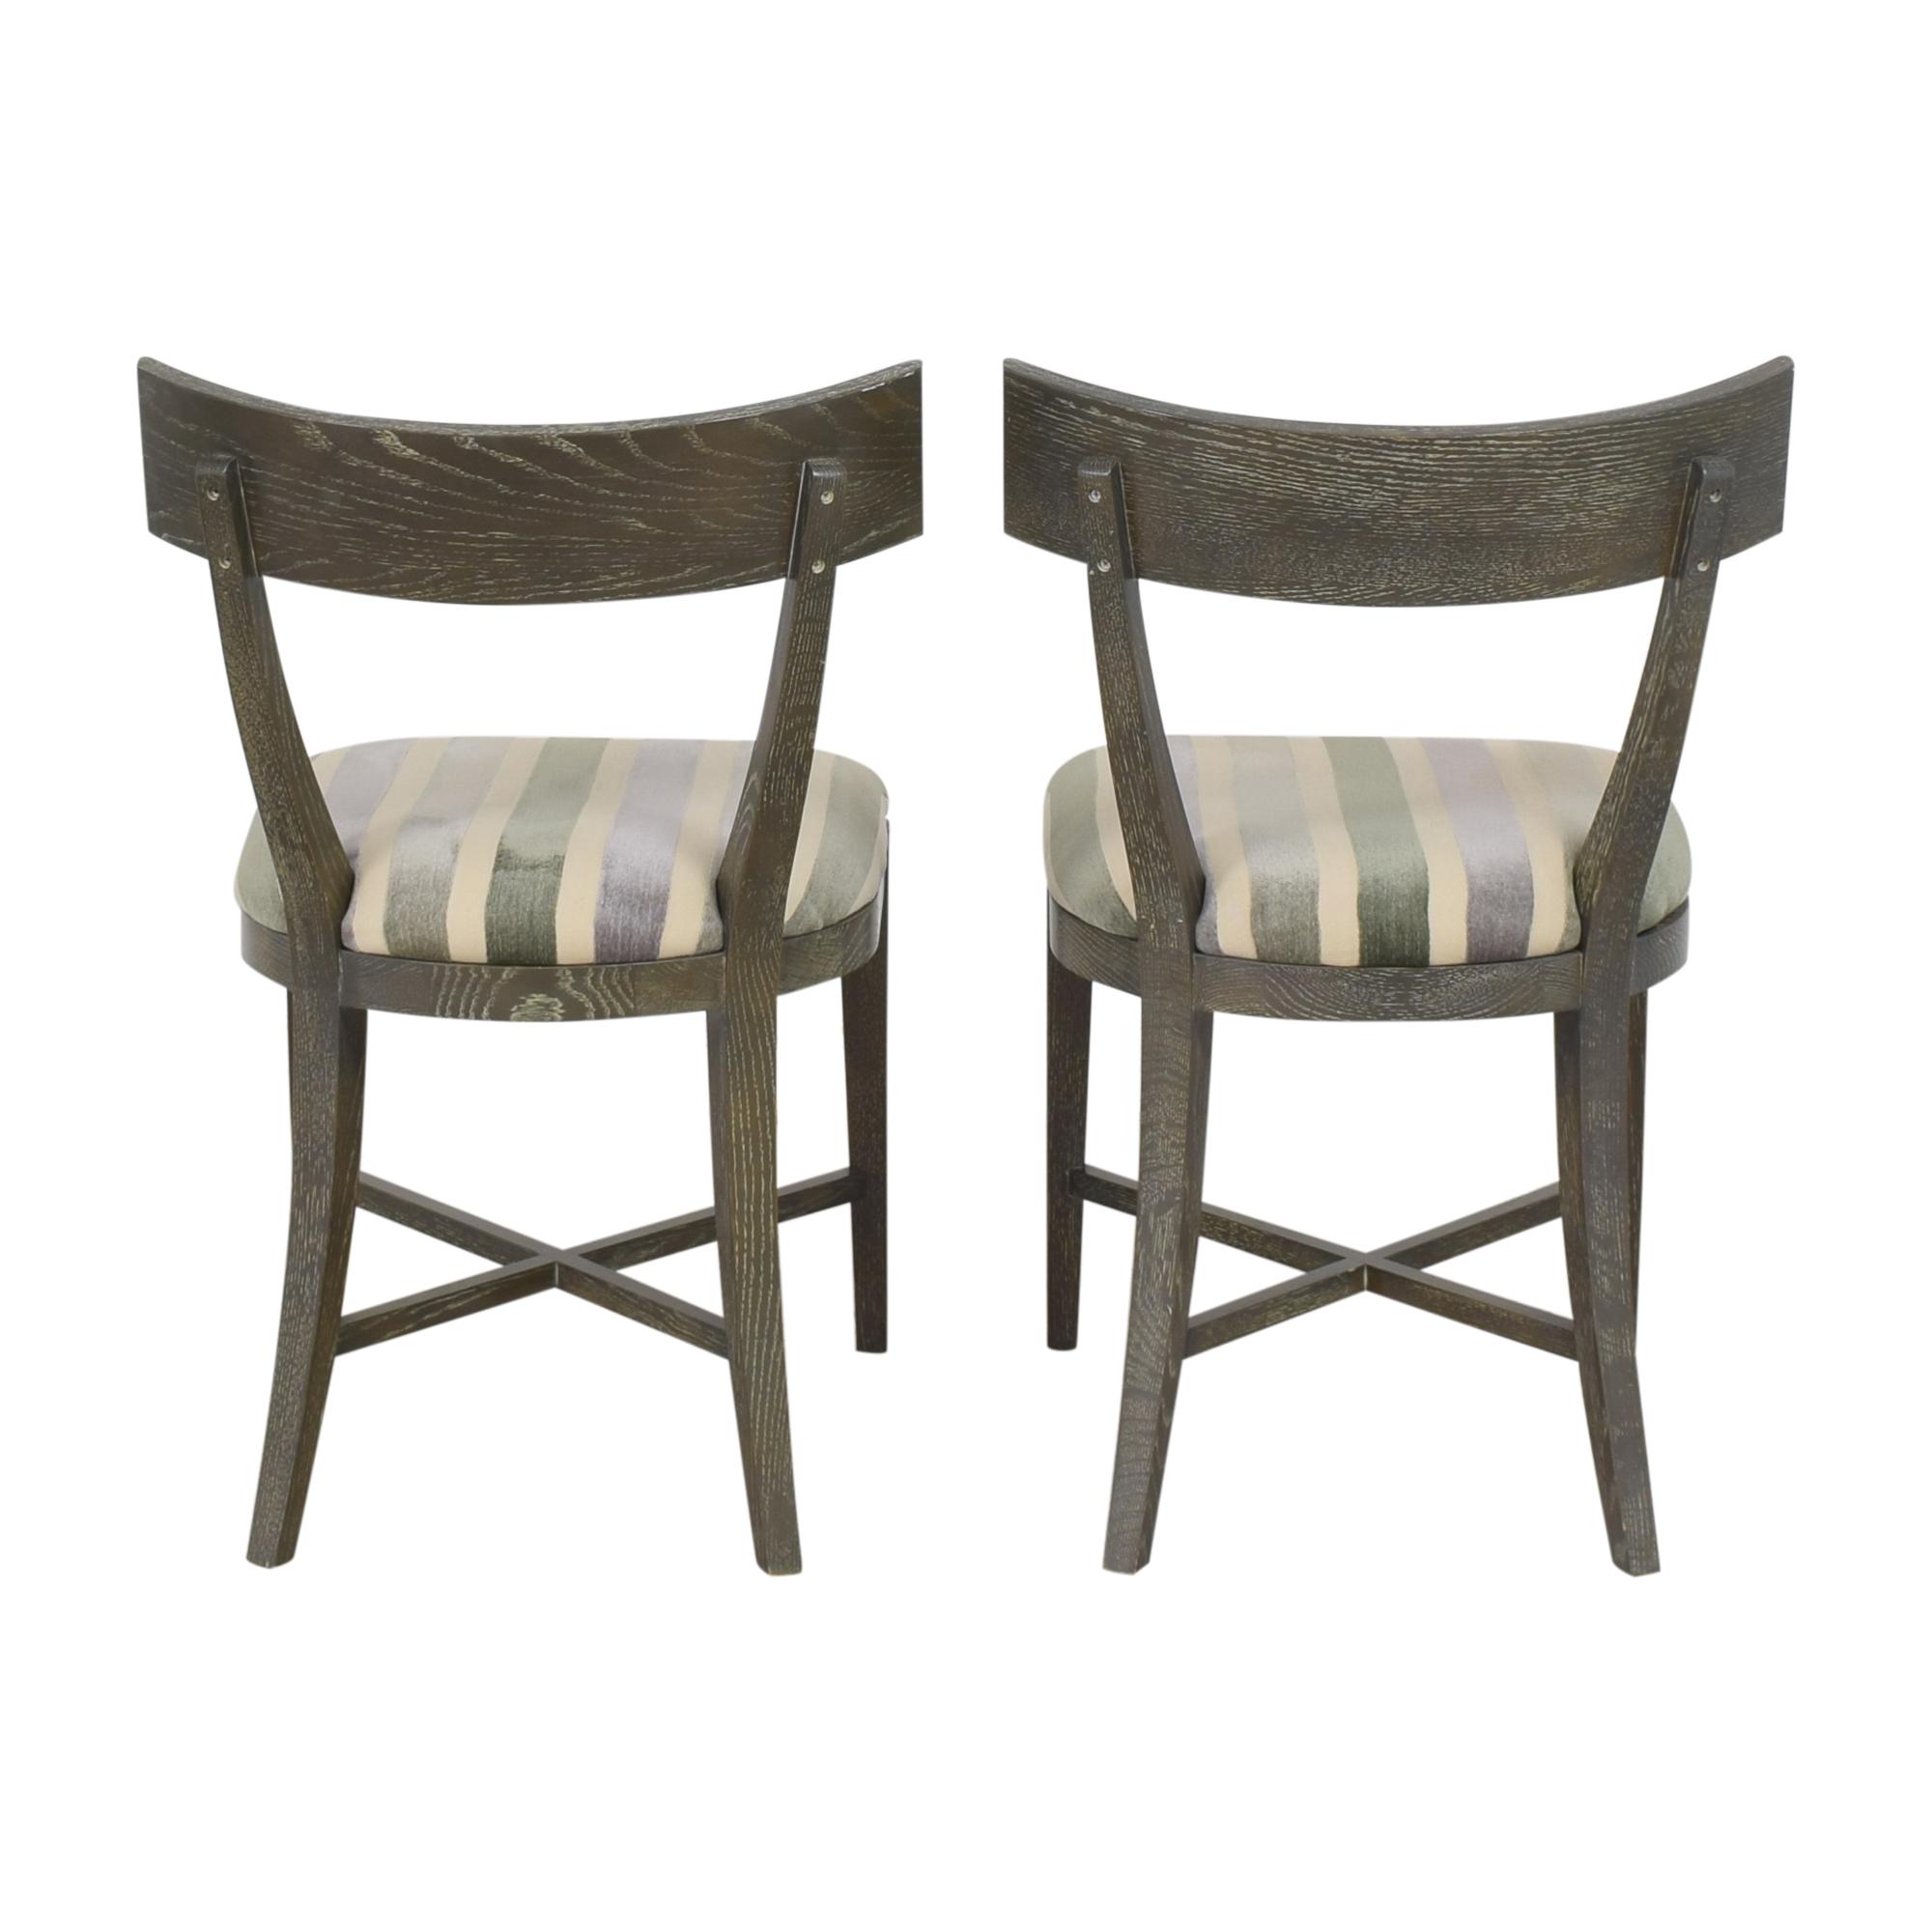 Arteriors Arteriors Caden Dining Chairs coupon